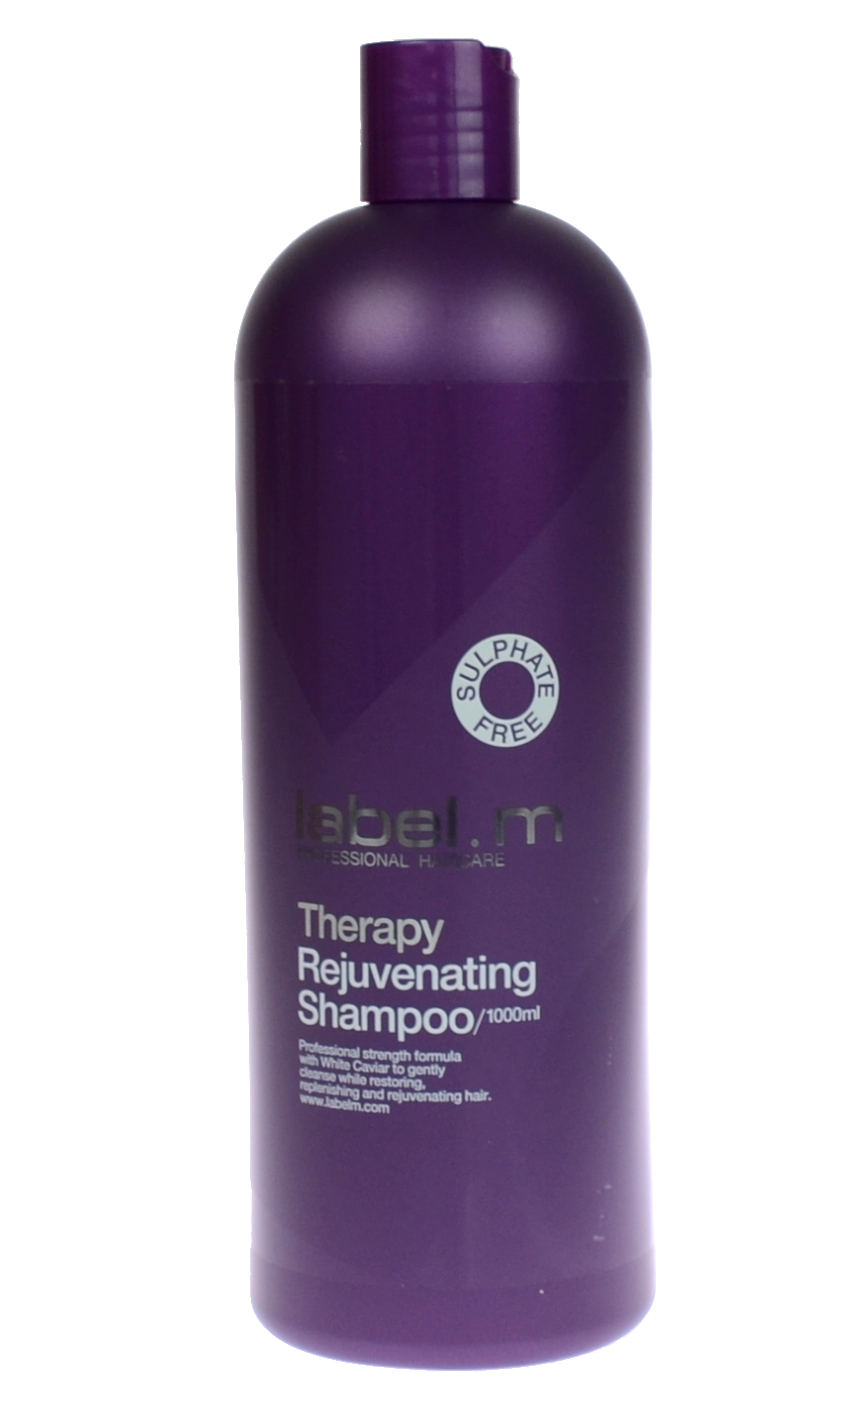 Posilující a omlazující šampon Label.m Therapy Rejuvenating Shampoo - 1000 ml (600555) + DÁREK ZDARMA